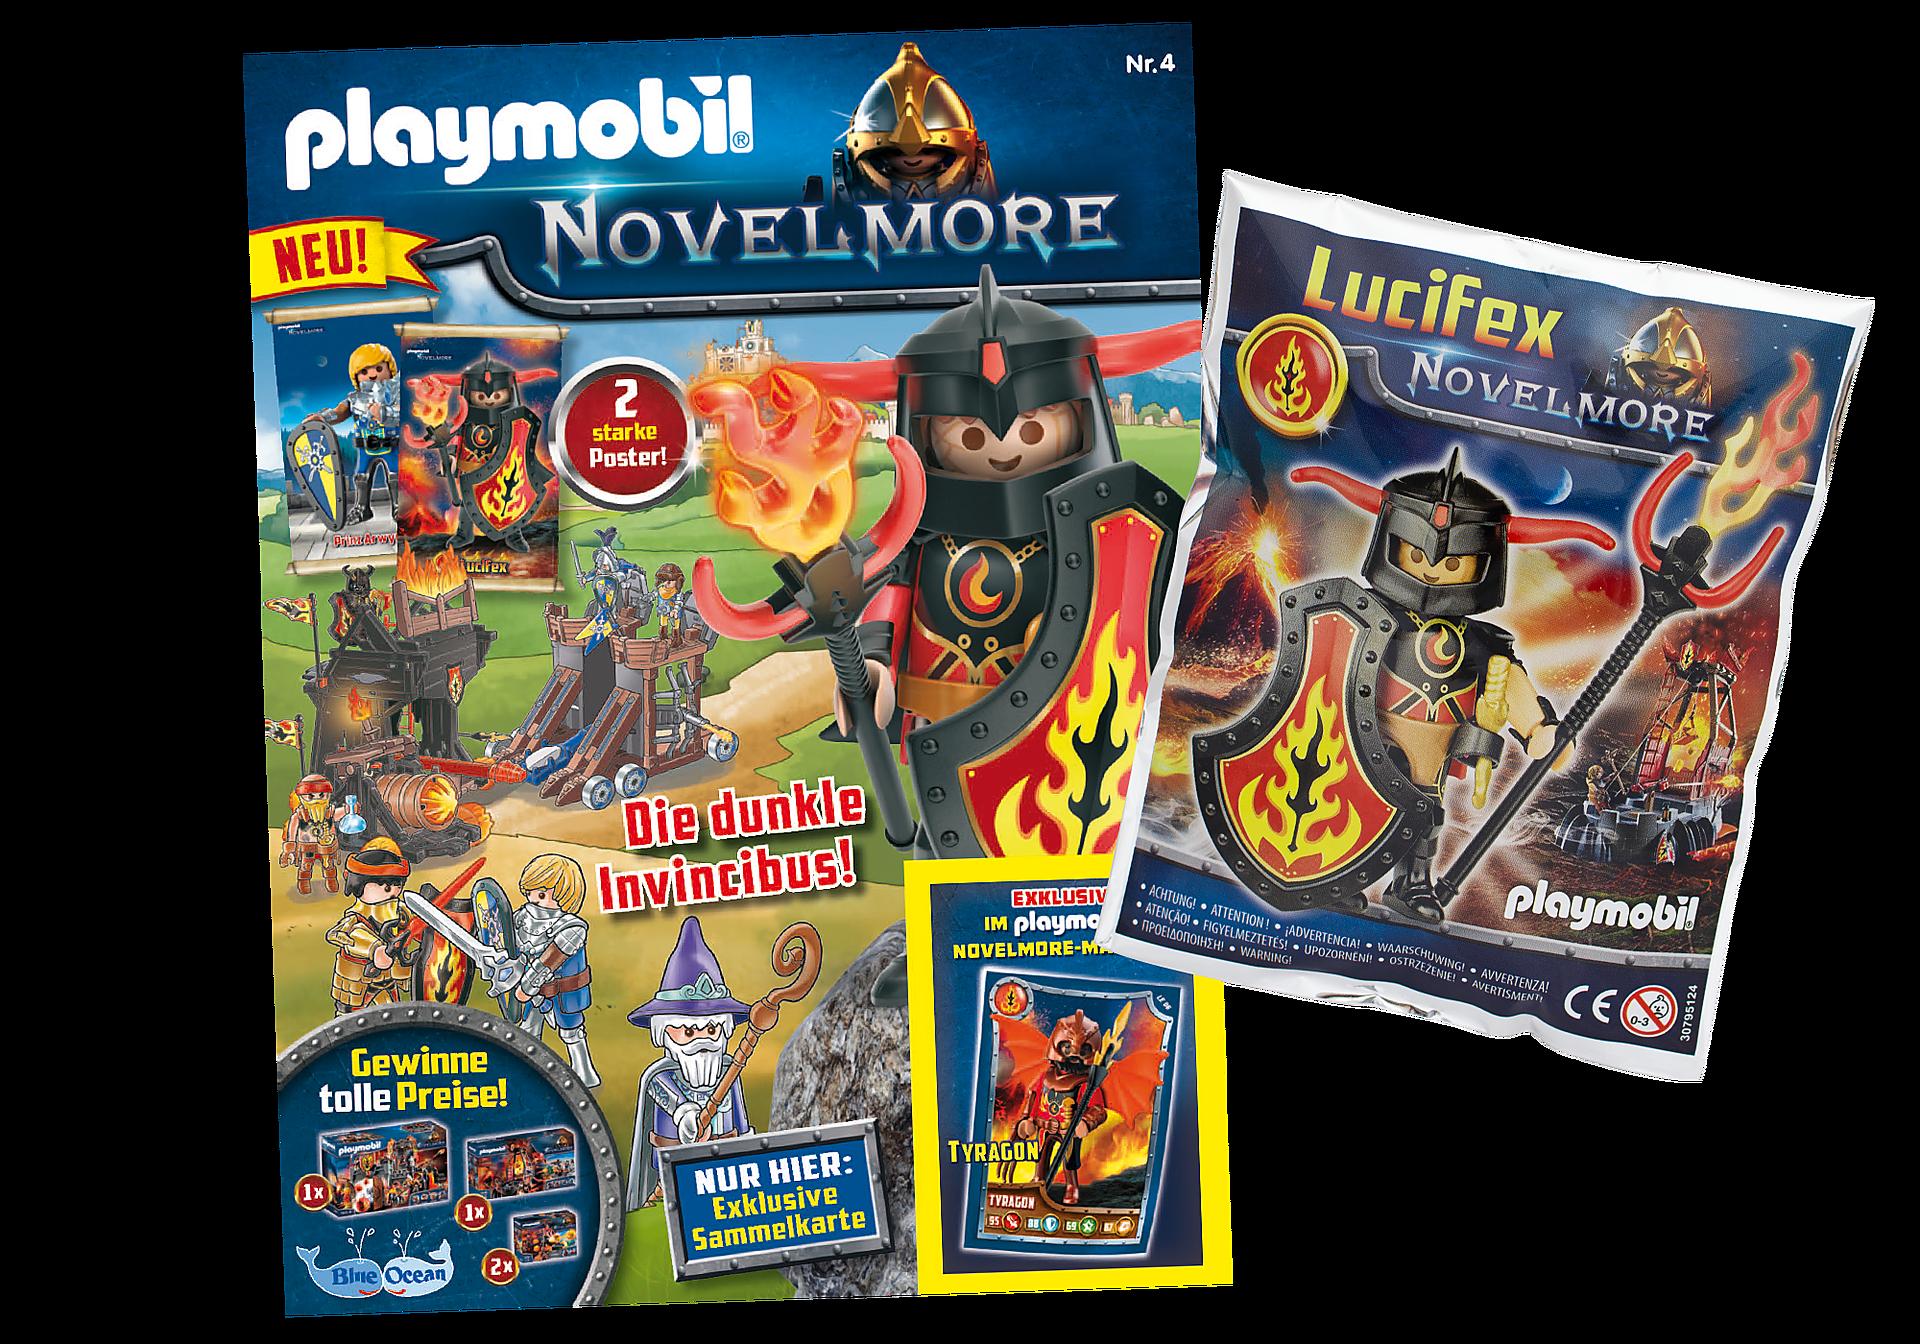 80691 PLAYMOBIL Novelmore-Magazin 4/2020 zoom image1